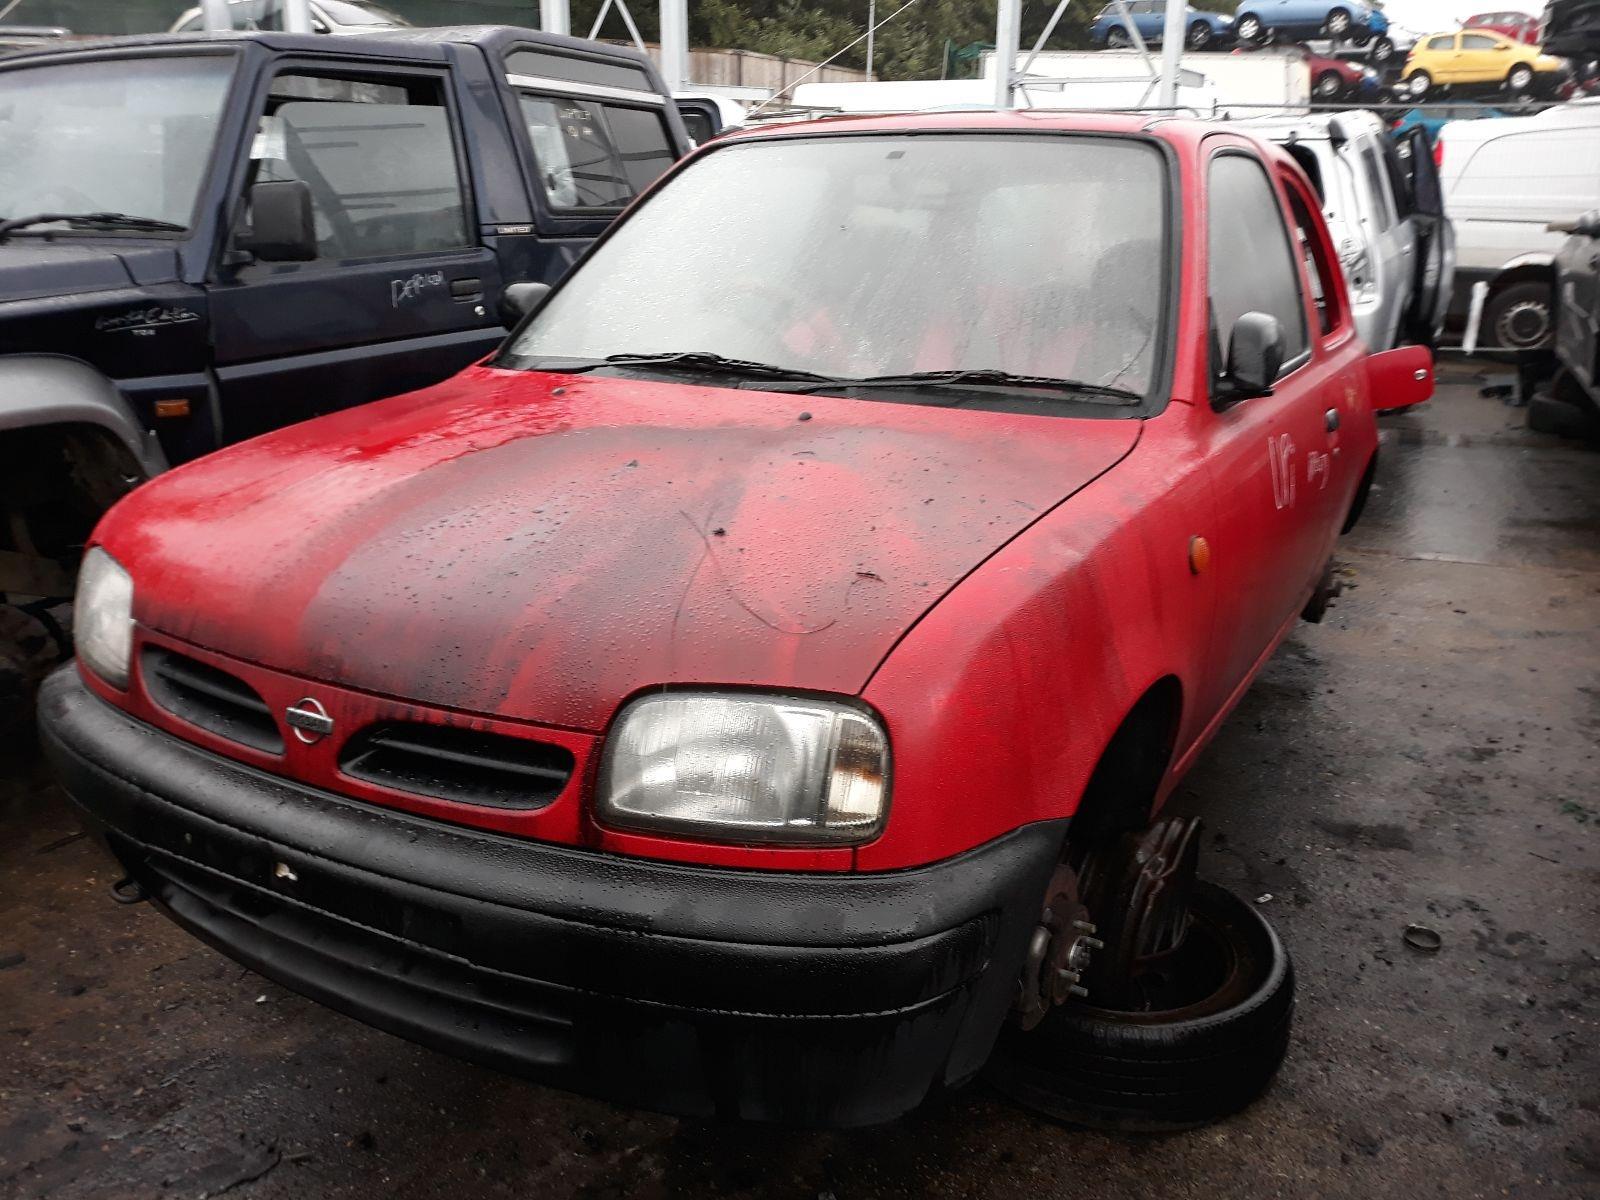 Nissan Micra 1996 To 1998 Shape 3 Door Hatchback